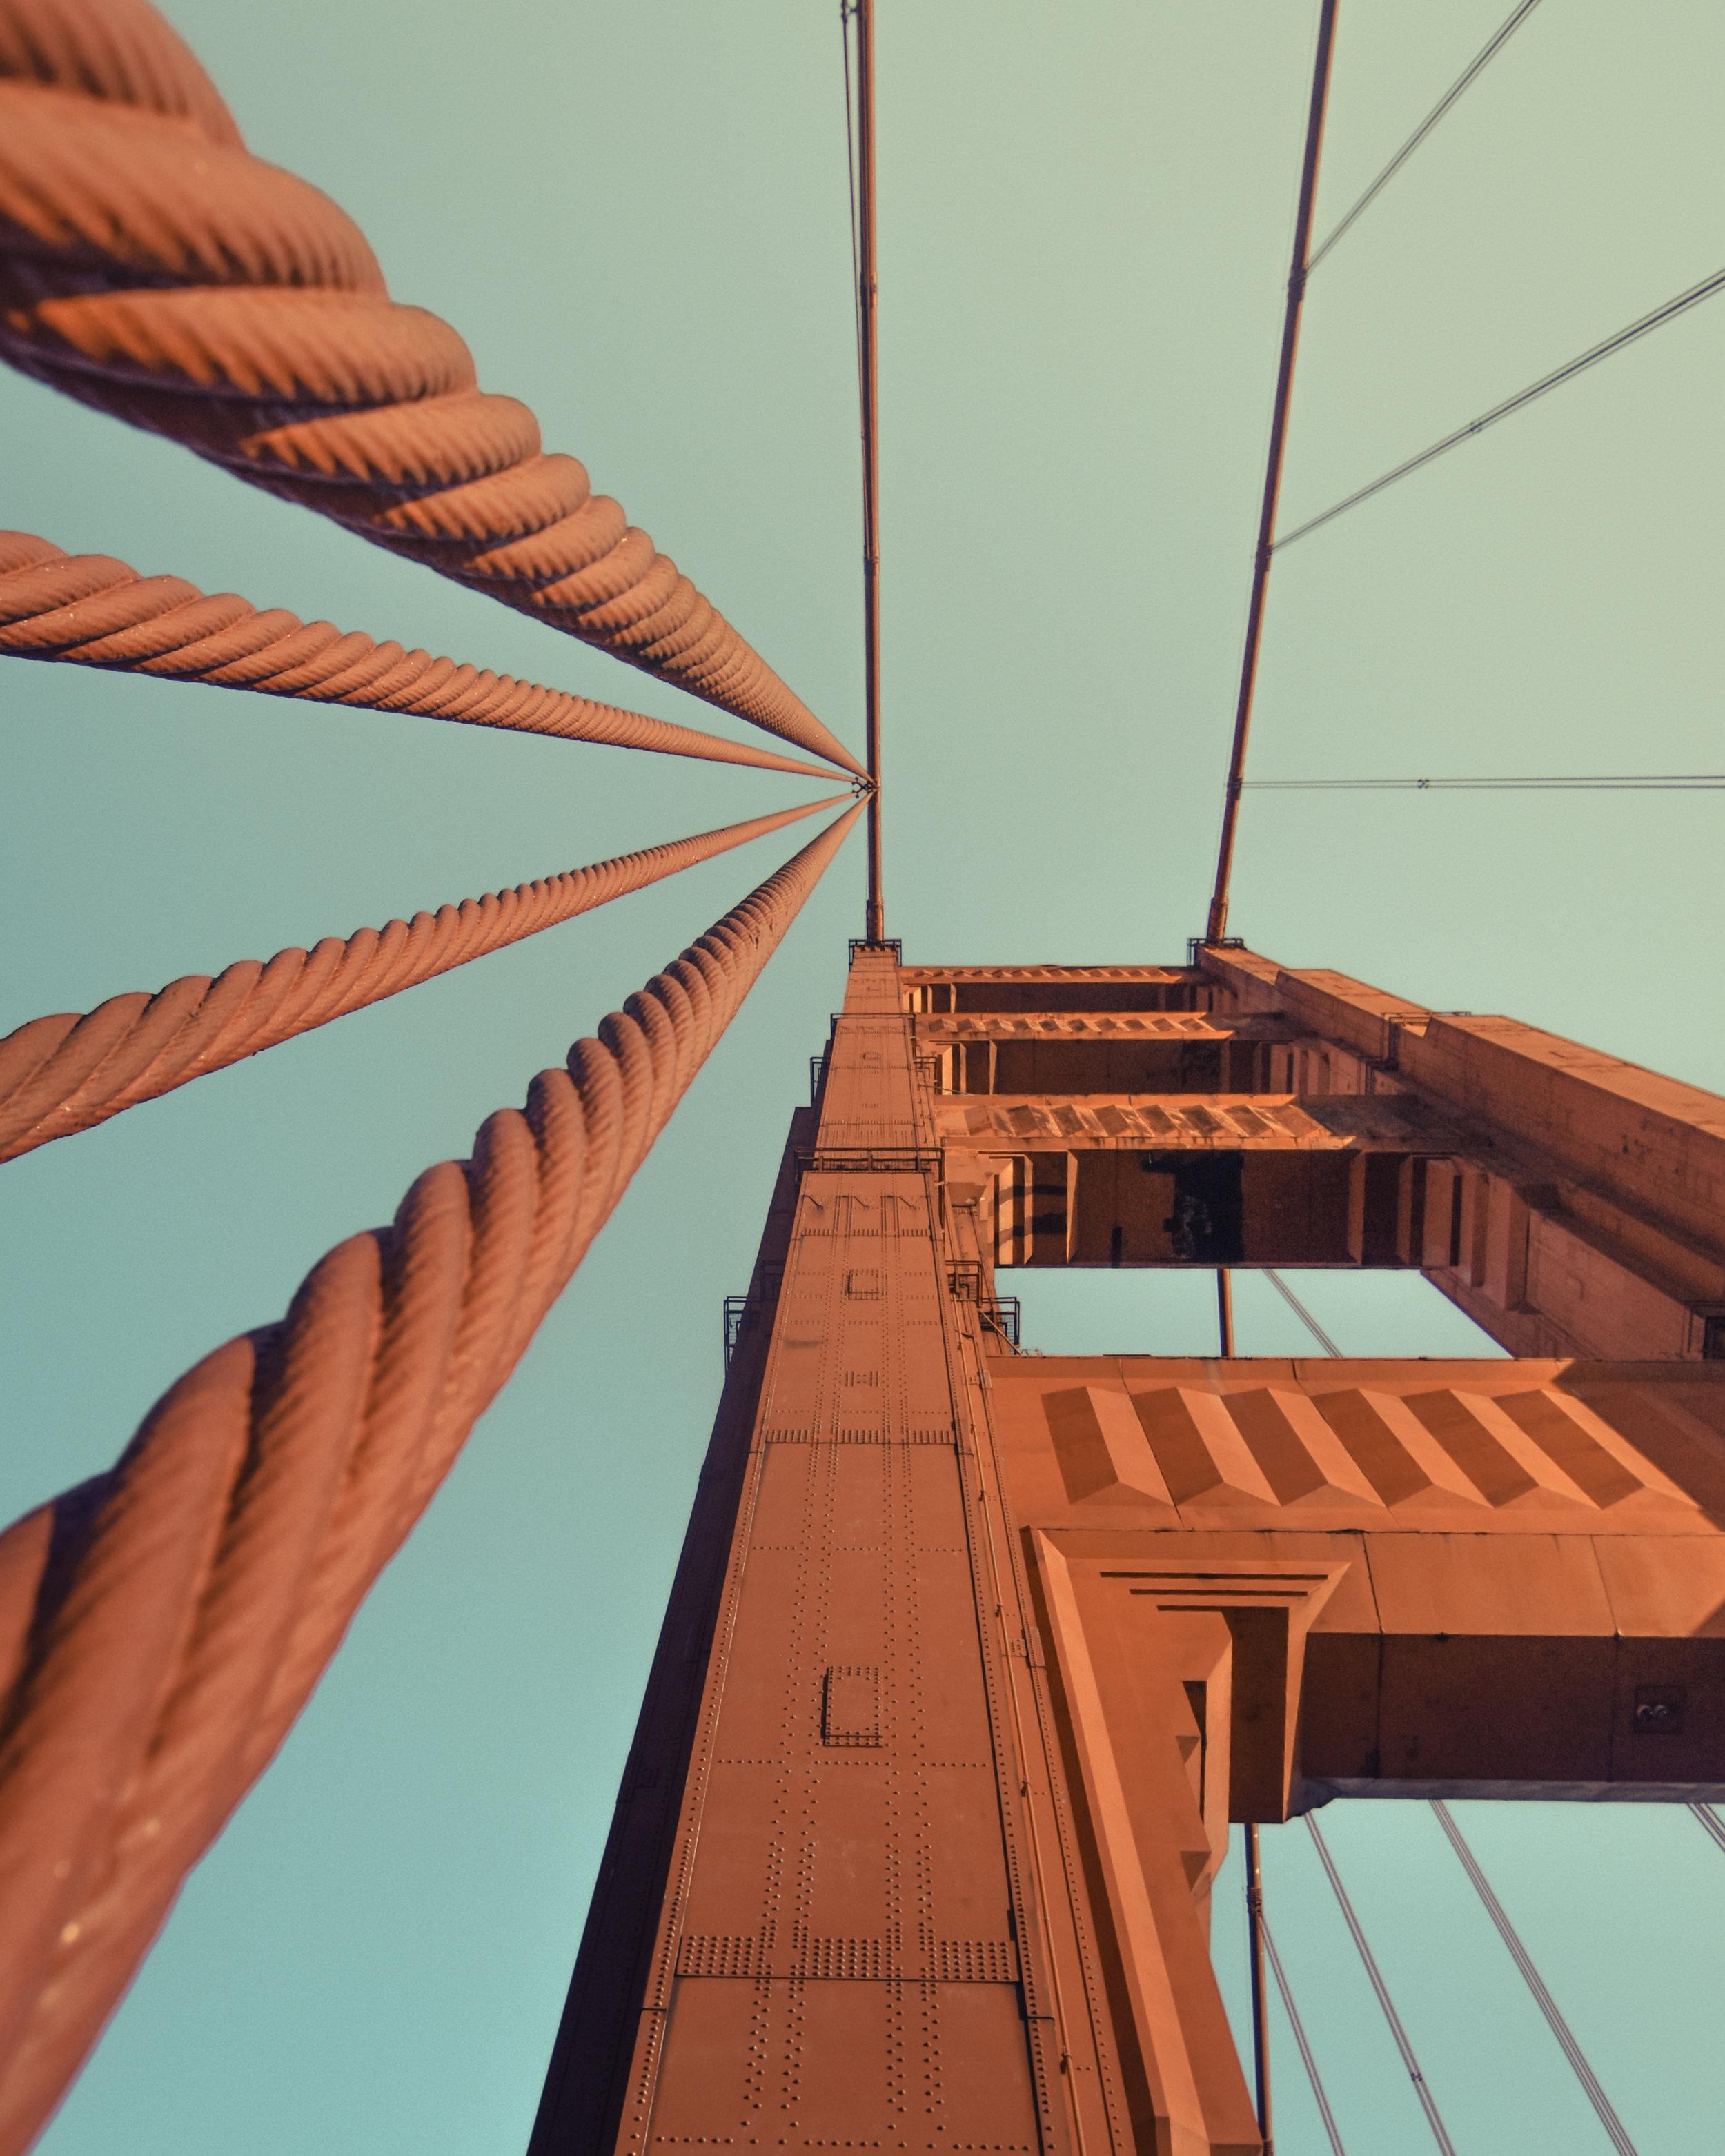 @kj.catz - San Francisco, CA